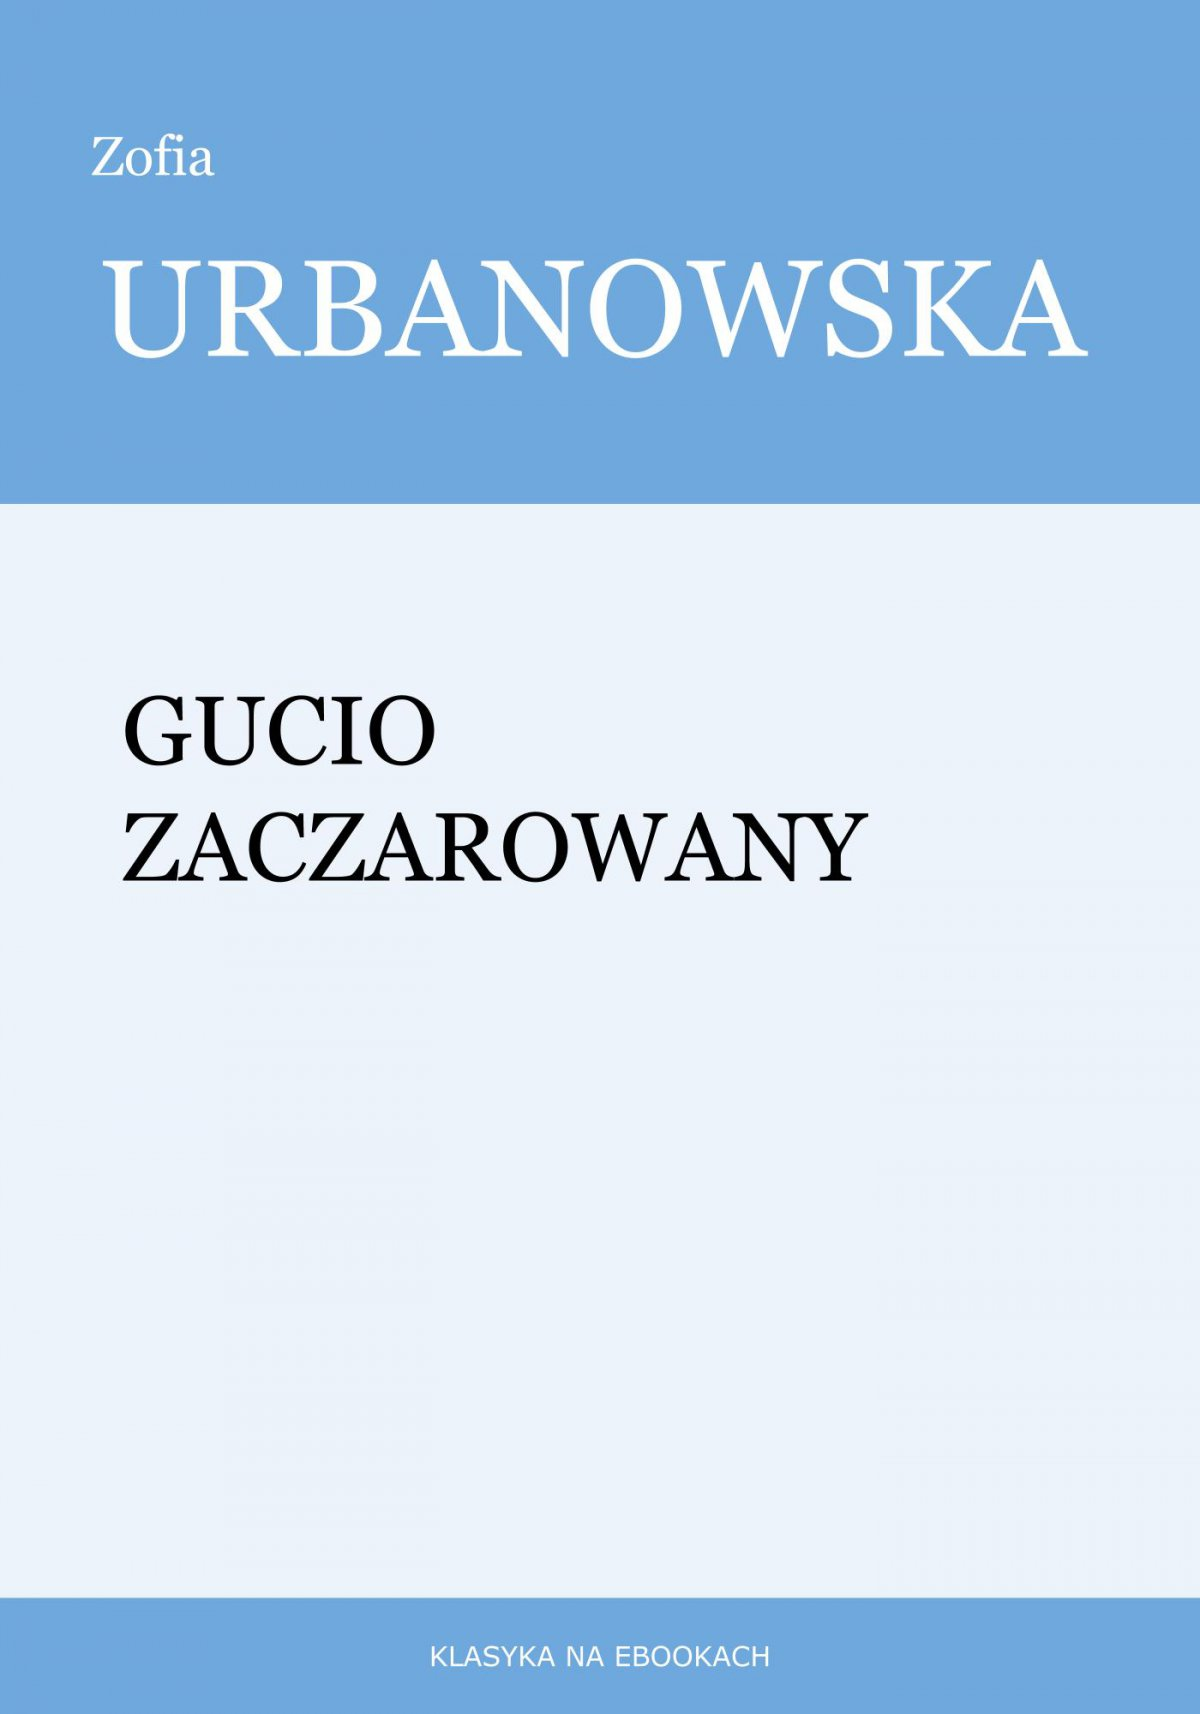 Gucio zaczarowany - Ebook (Książka EPUB) do pobrania w formacie EPUB